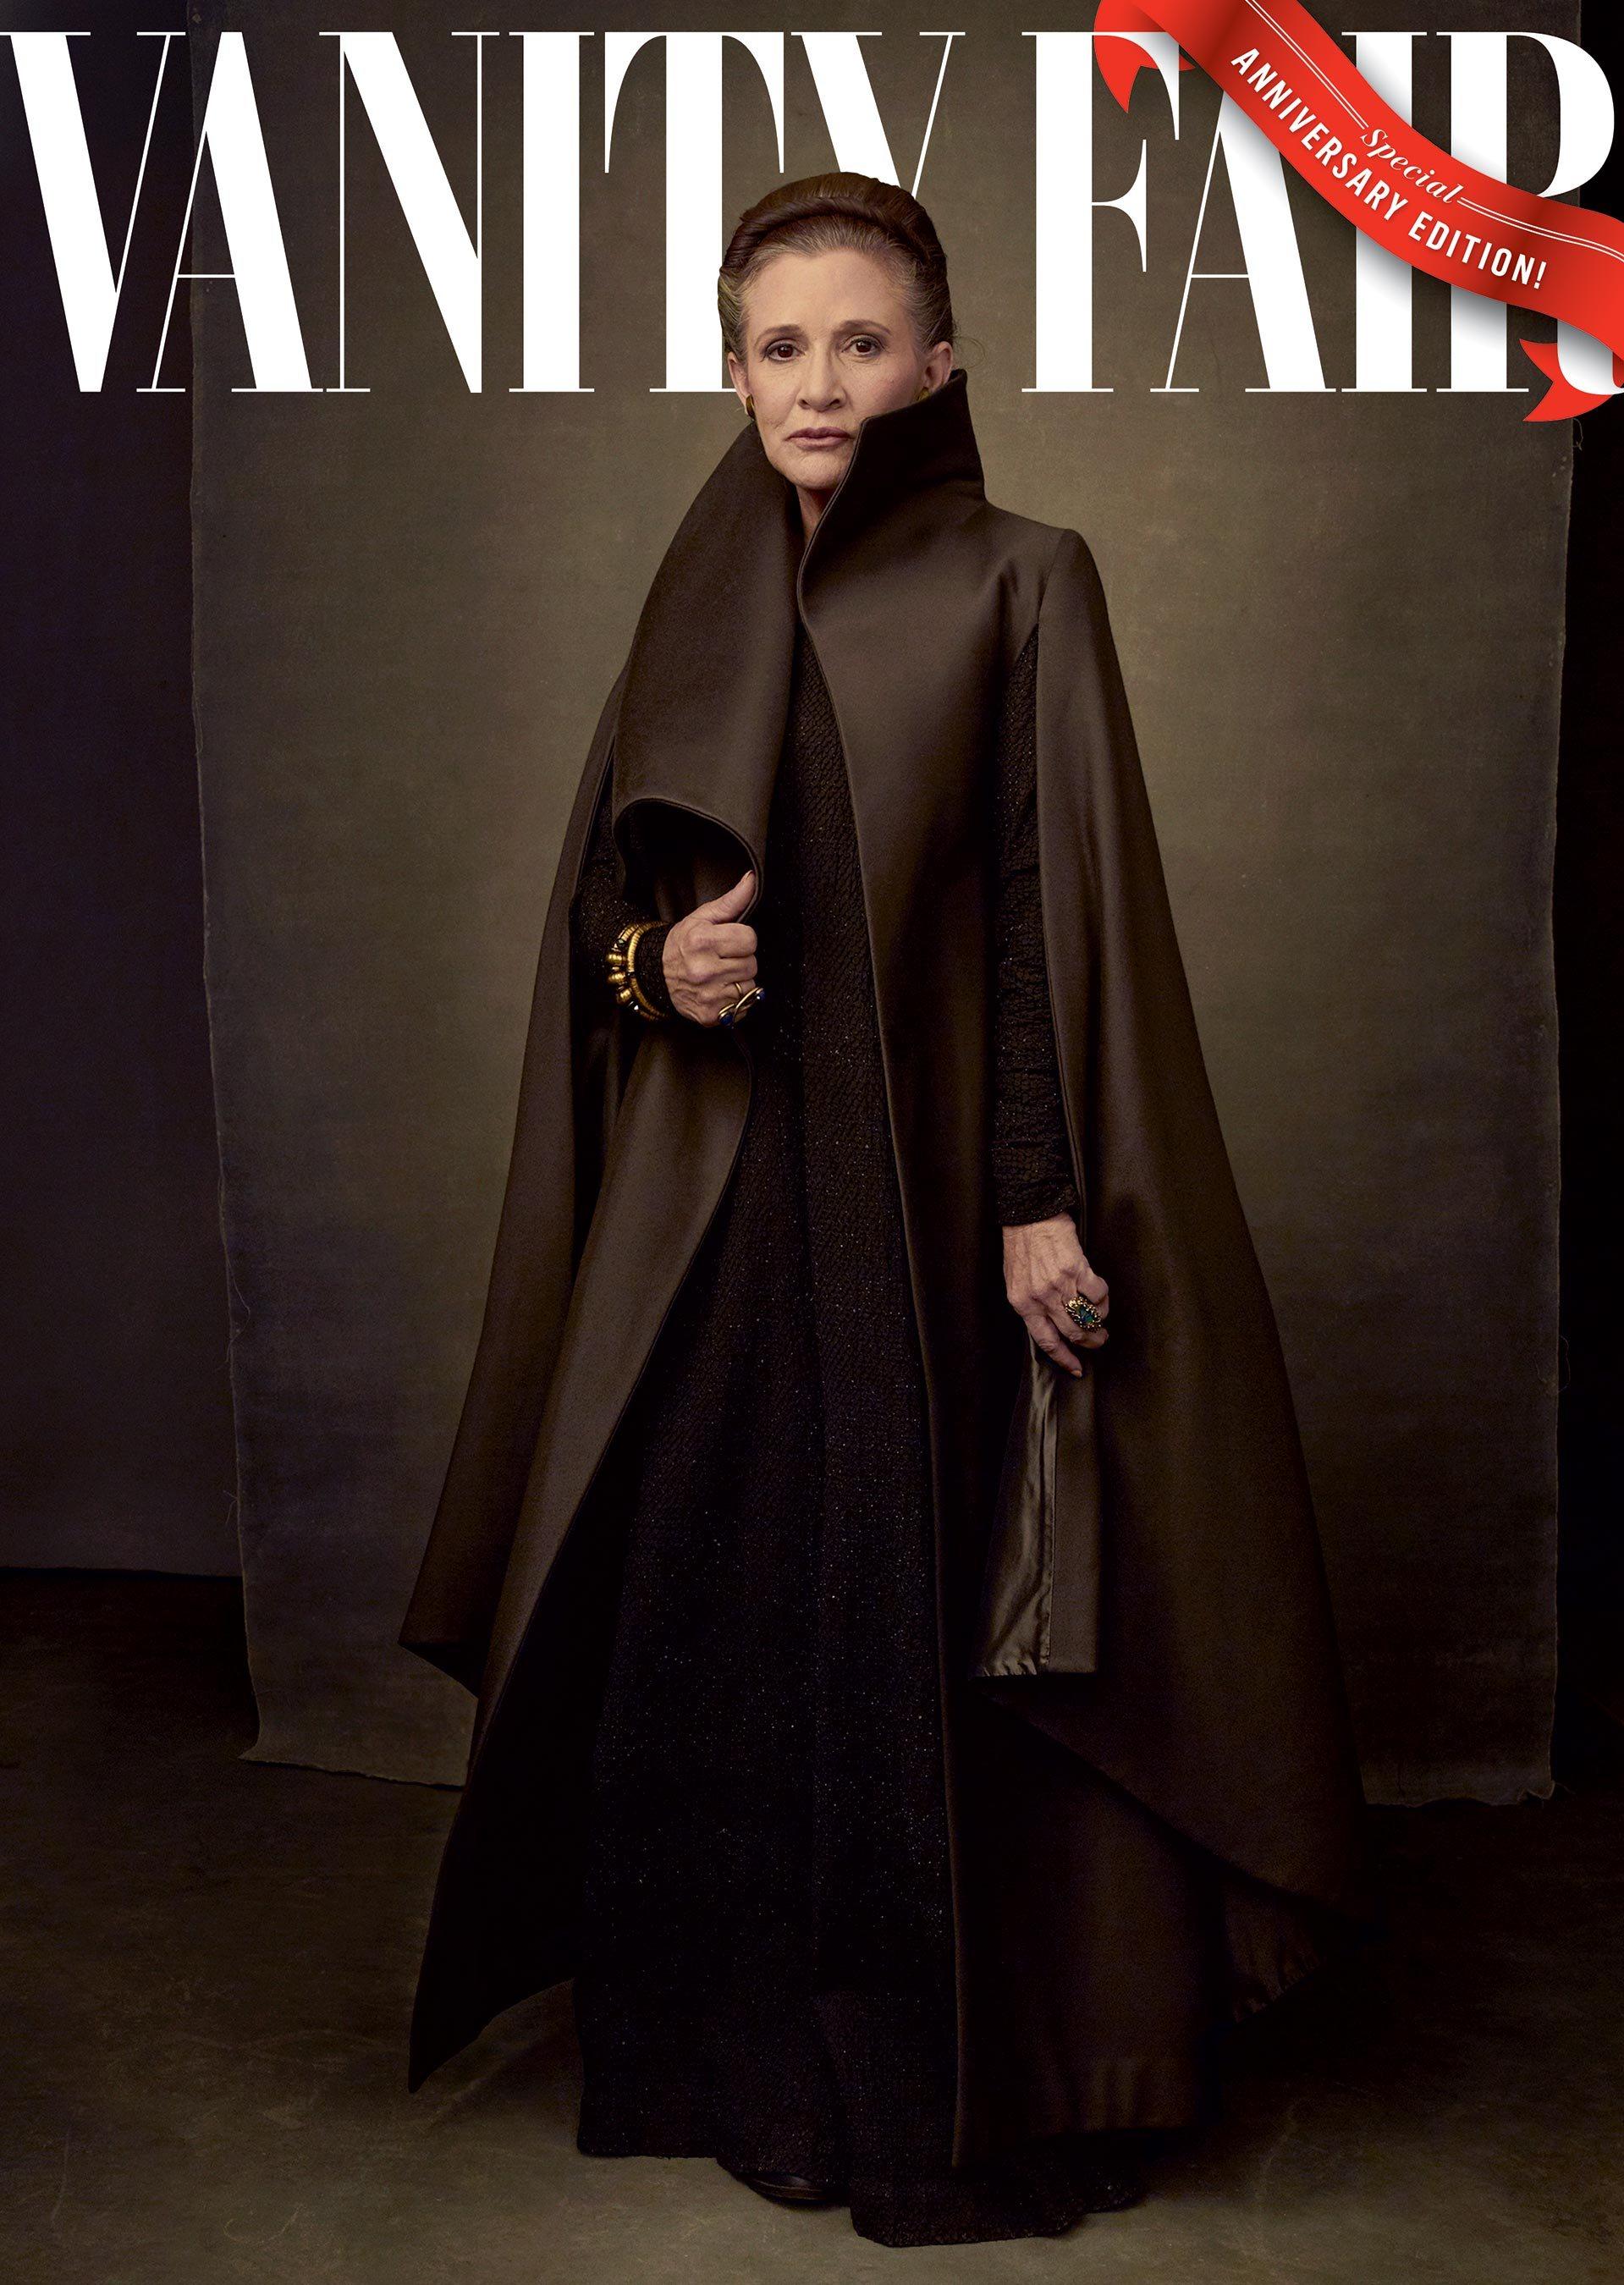 Gli ultimi Jedi: la copertina di Vanity Fair